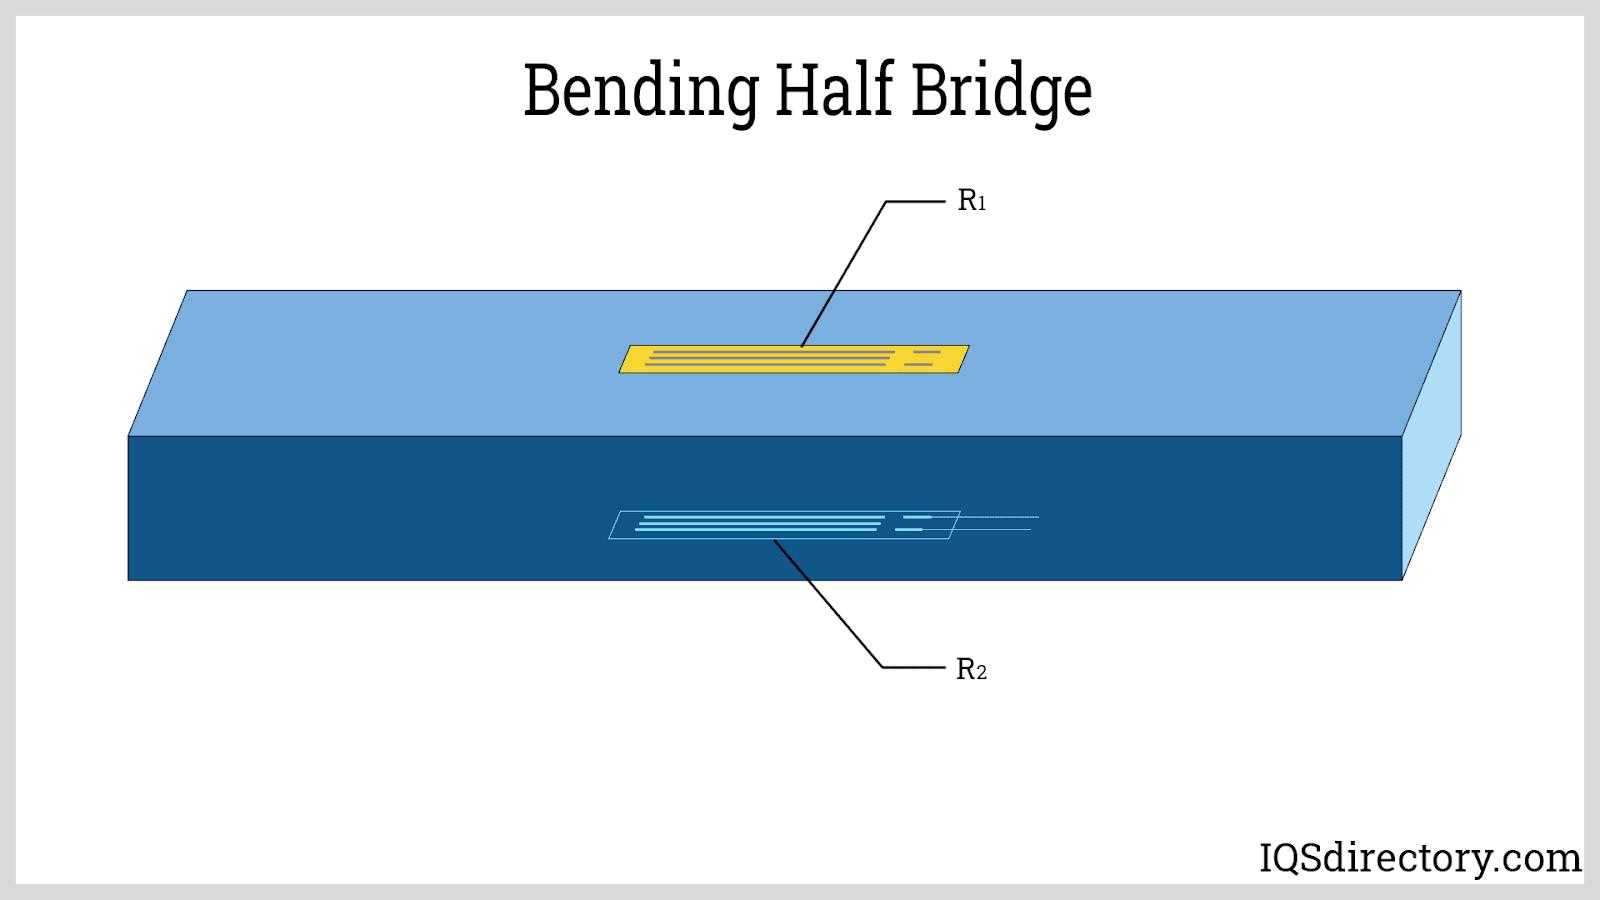 Bending Half Bridge